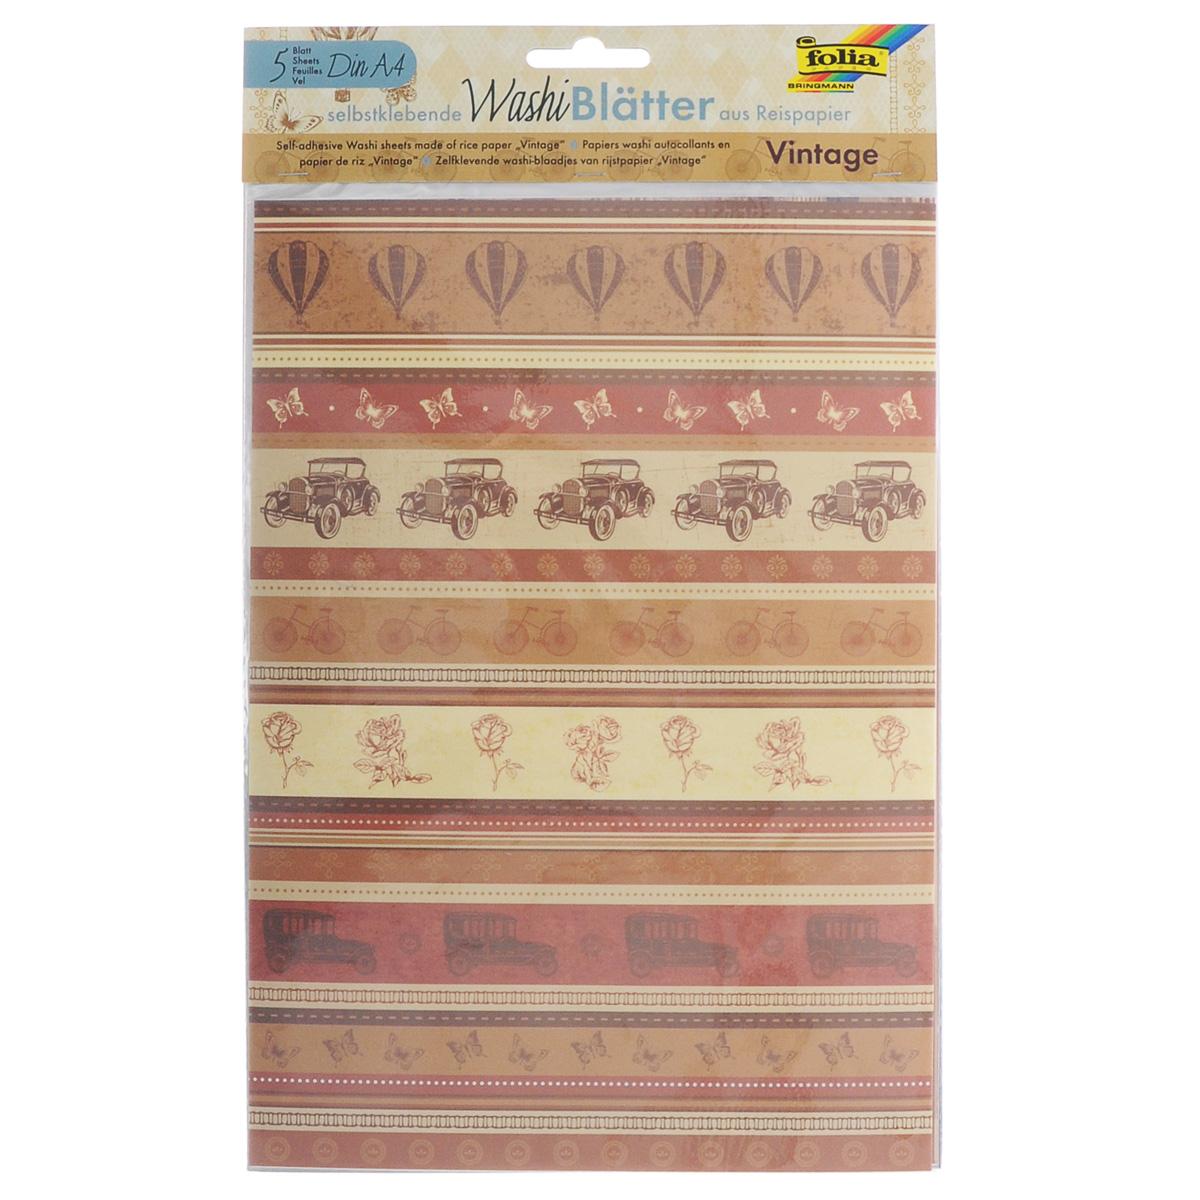 Рисовая бумага Folia Винтаж, самоклеящаяся, 29,5 x 21 см, 5 листов19201Рисовая бумага Folia Винтаж - бумага с матовой поверхностью, которая используется для изготовления открыток, для скрапбукинга и других декоративных или дизайнерских работ. Бумага декорирована различными винтажными изображениями. Она имеет самоклеящуюся пленку, позволяющую удаление и повторное приклеивание, что обеспечивает большие творческие возможности. Изделие имеет отличное сцепление с бумагой, обоями, тканью и гладкими поверхностями, такими как металл, стекло и т.д. без специальной подготовки.